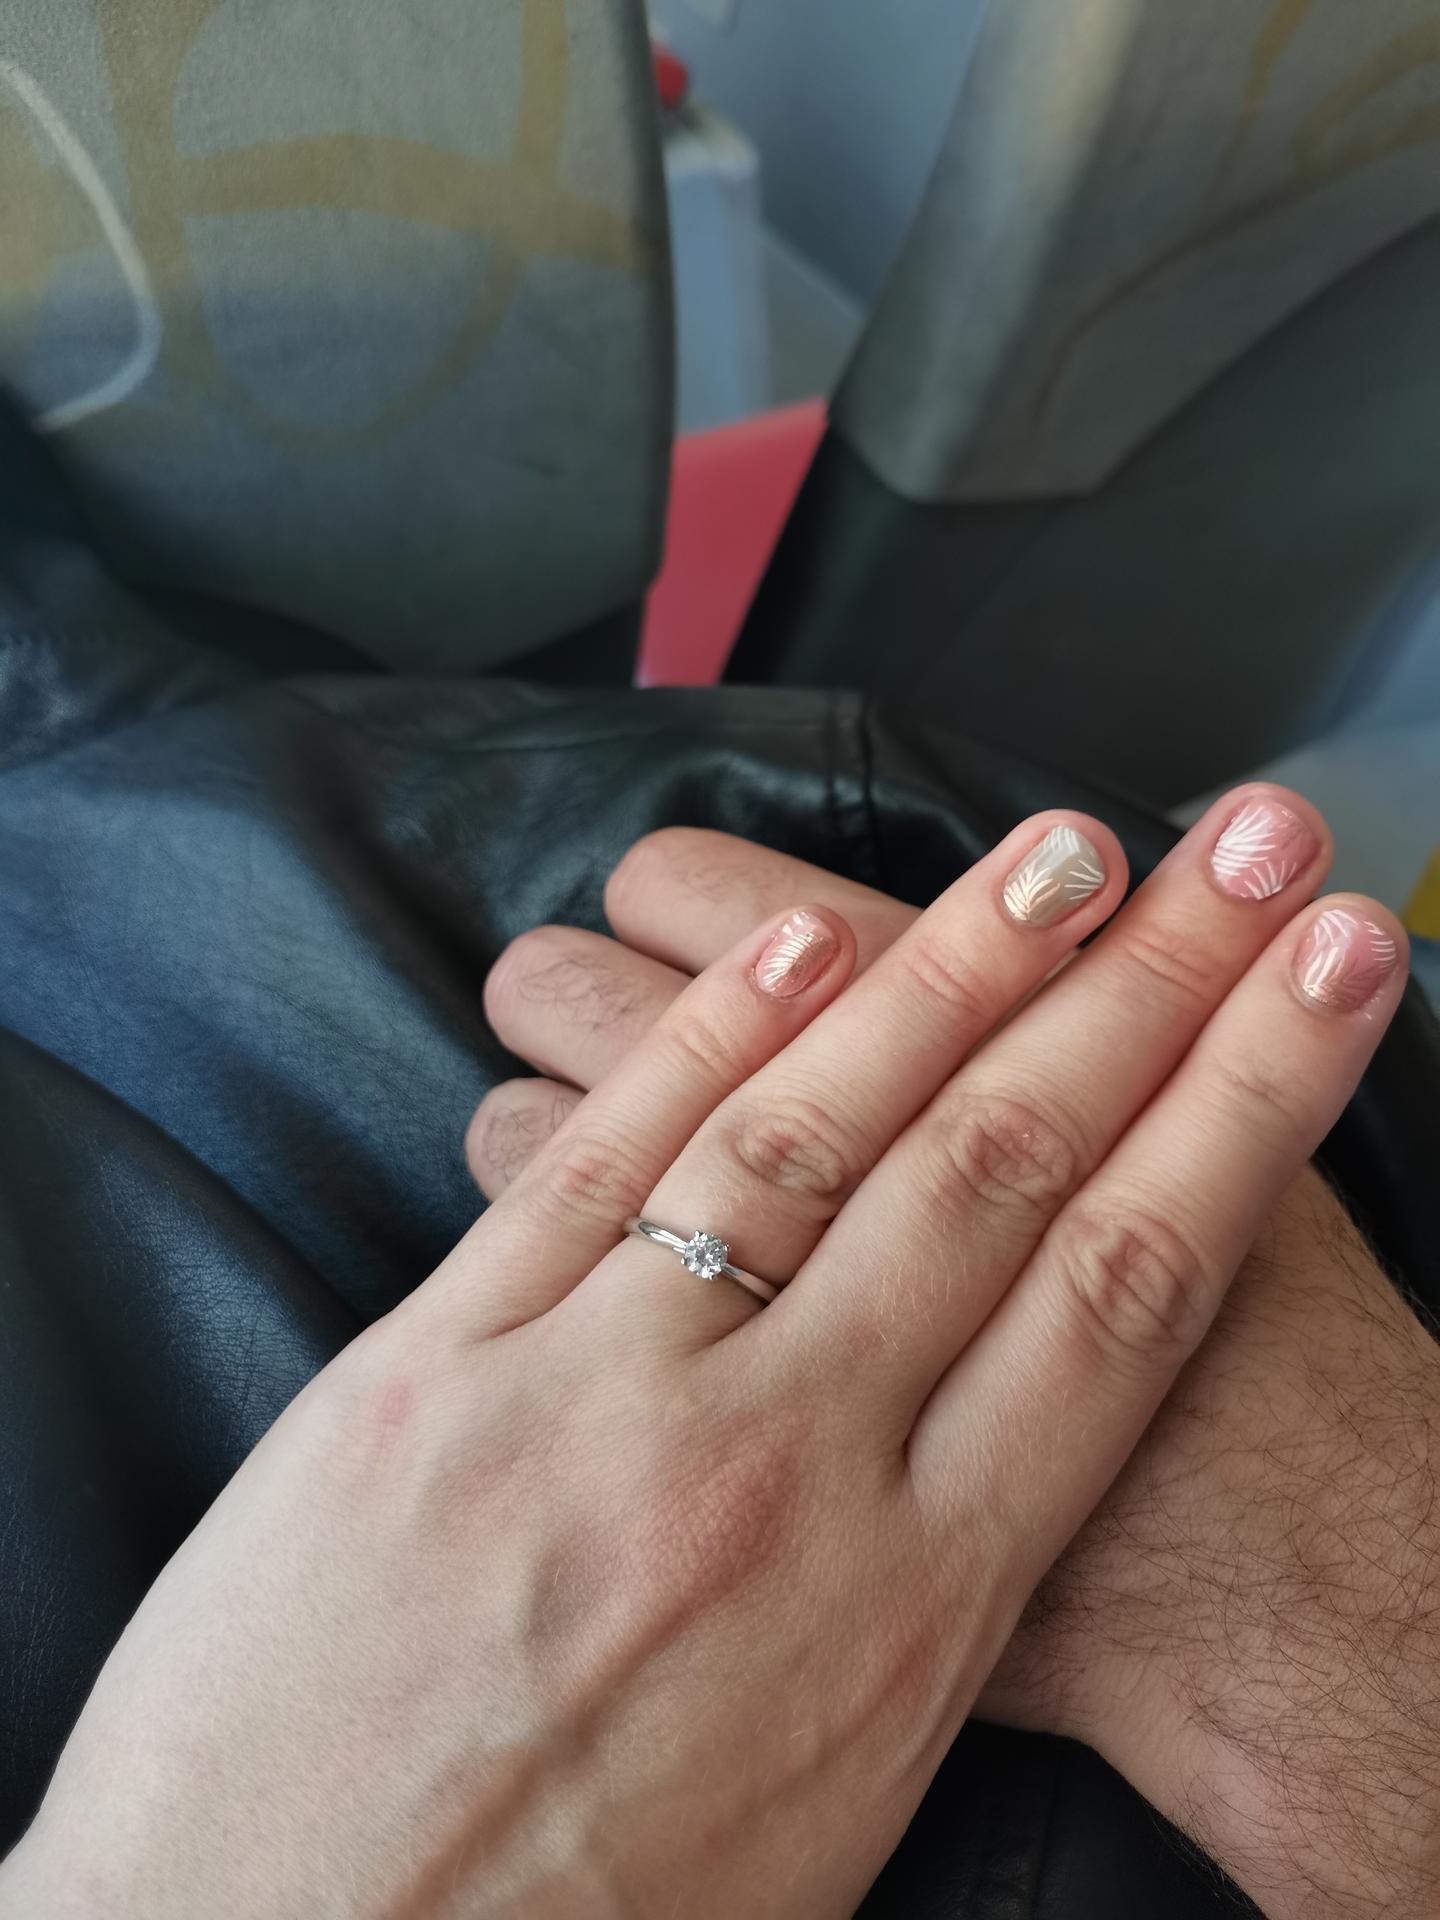 😍😍😍😍😍😍😍😍😍😍😍😍😍Jsem oficiálně zasnoubená 😍😍😍😍😍😍😍😍😍😍 dne 9.9.2021 - Obrázek č. 1